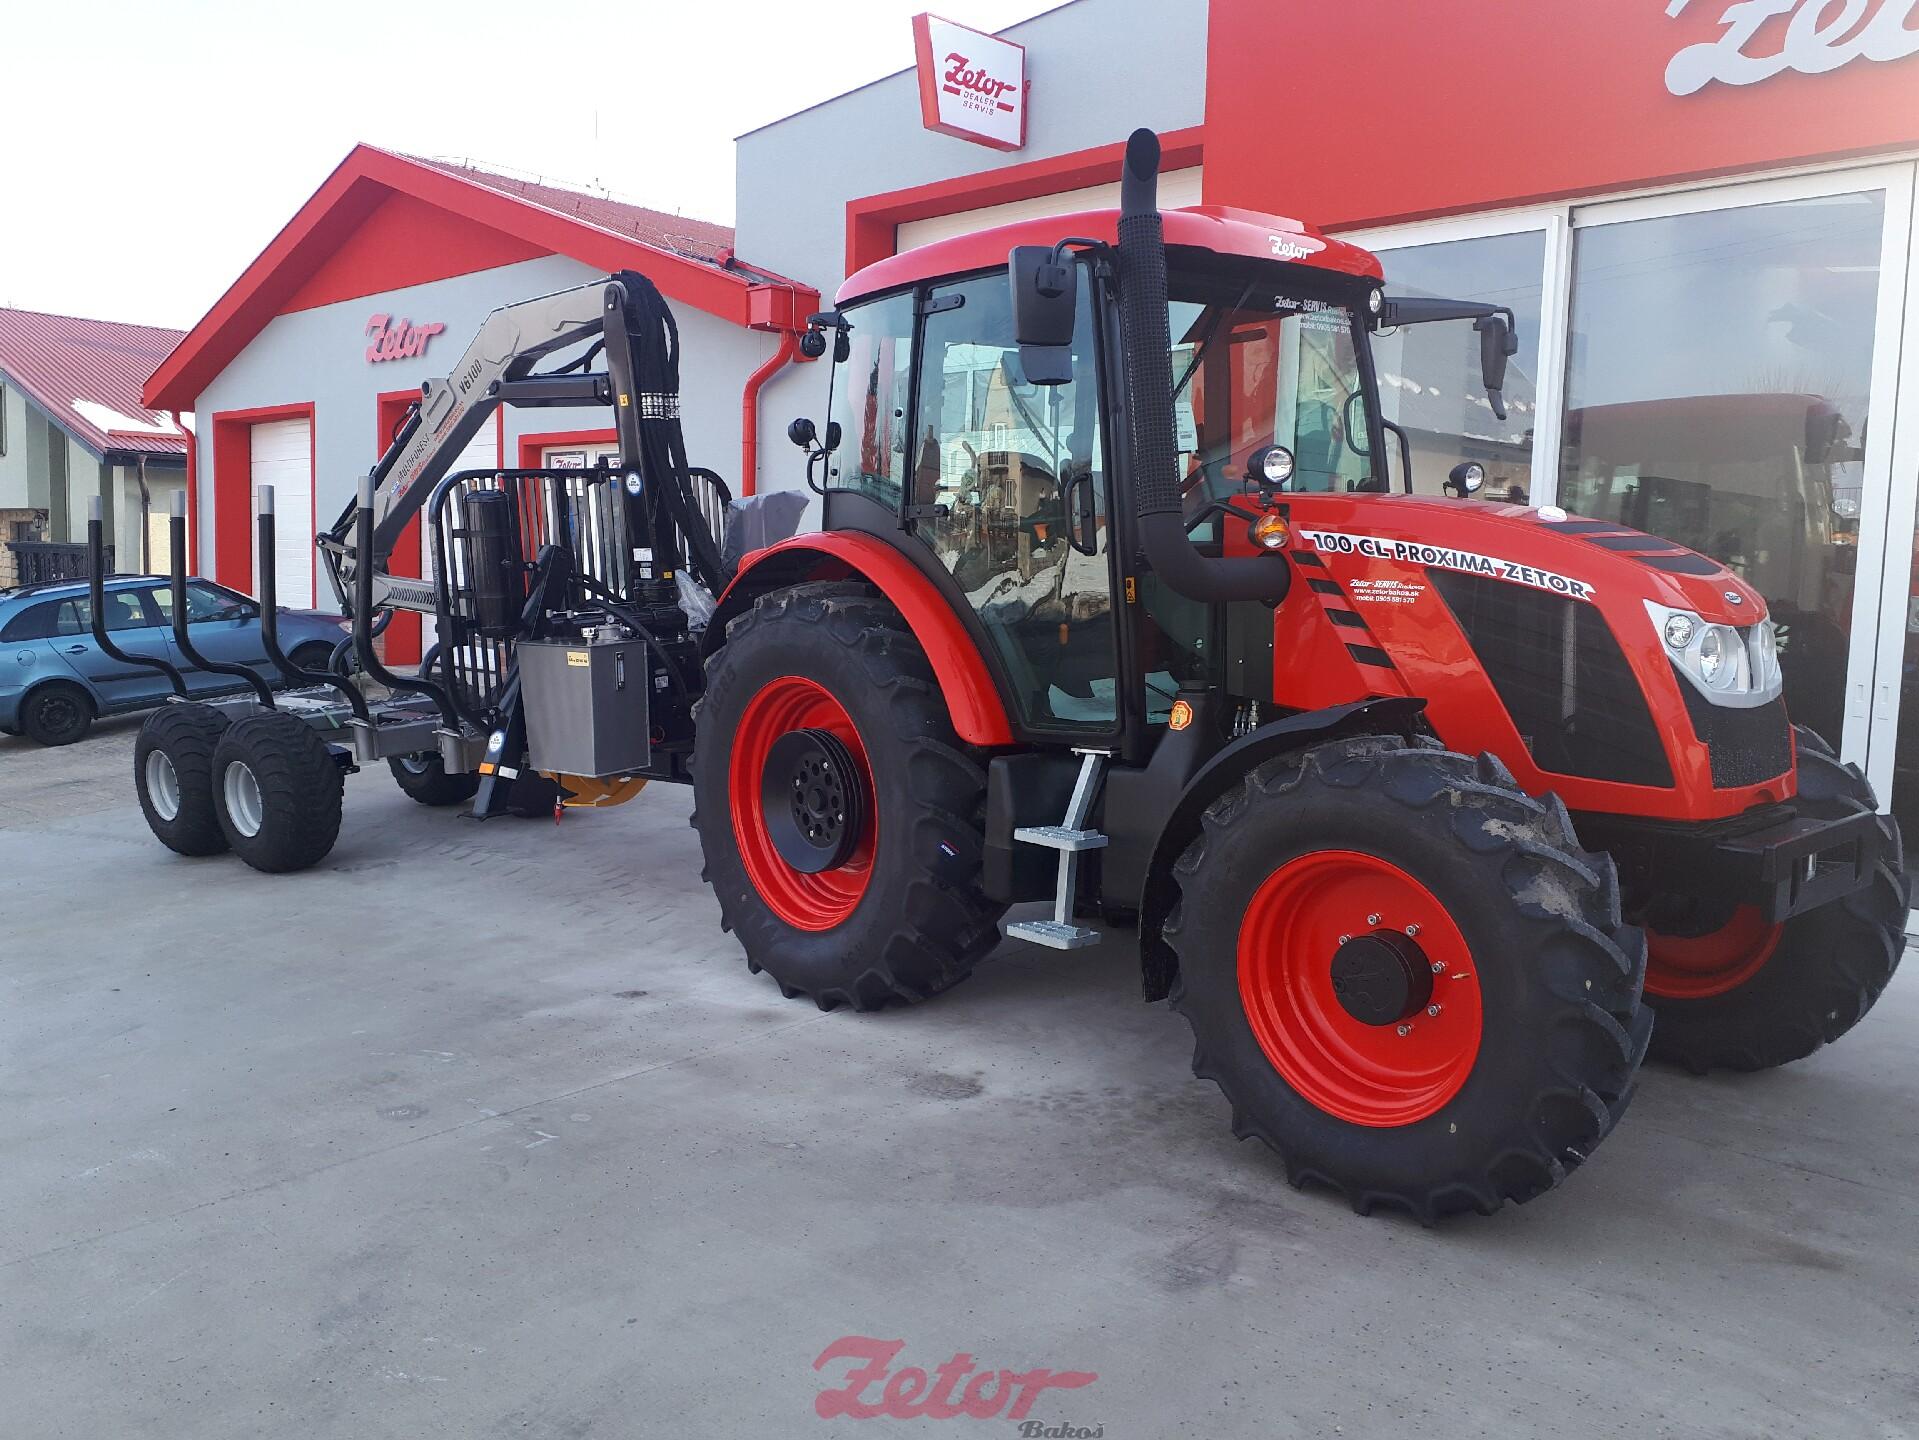 Zetor-bakos-g65